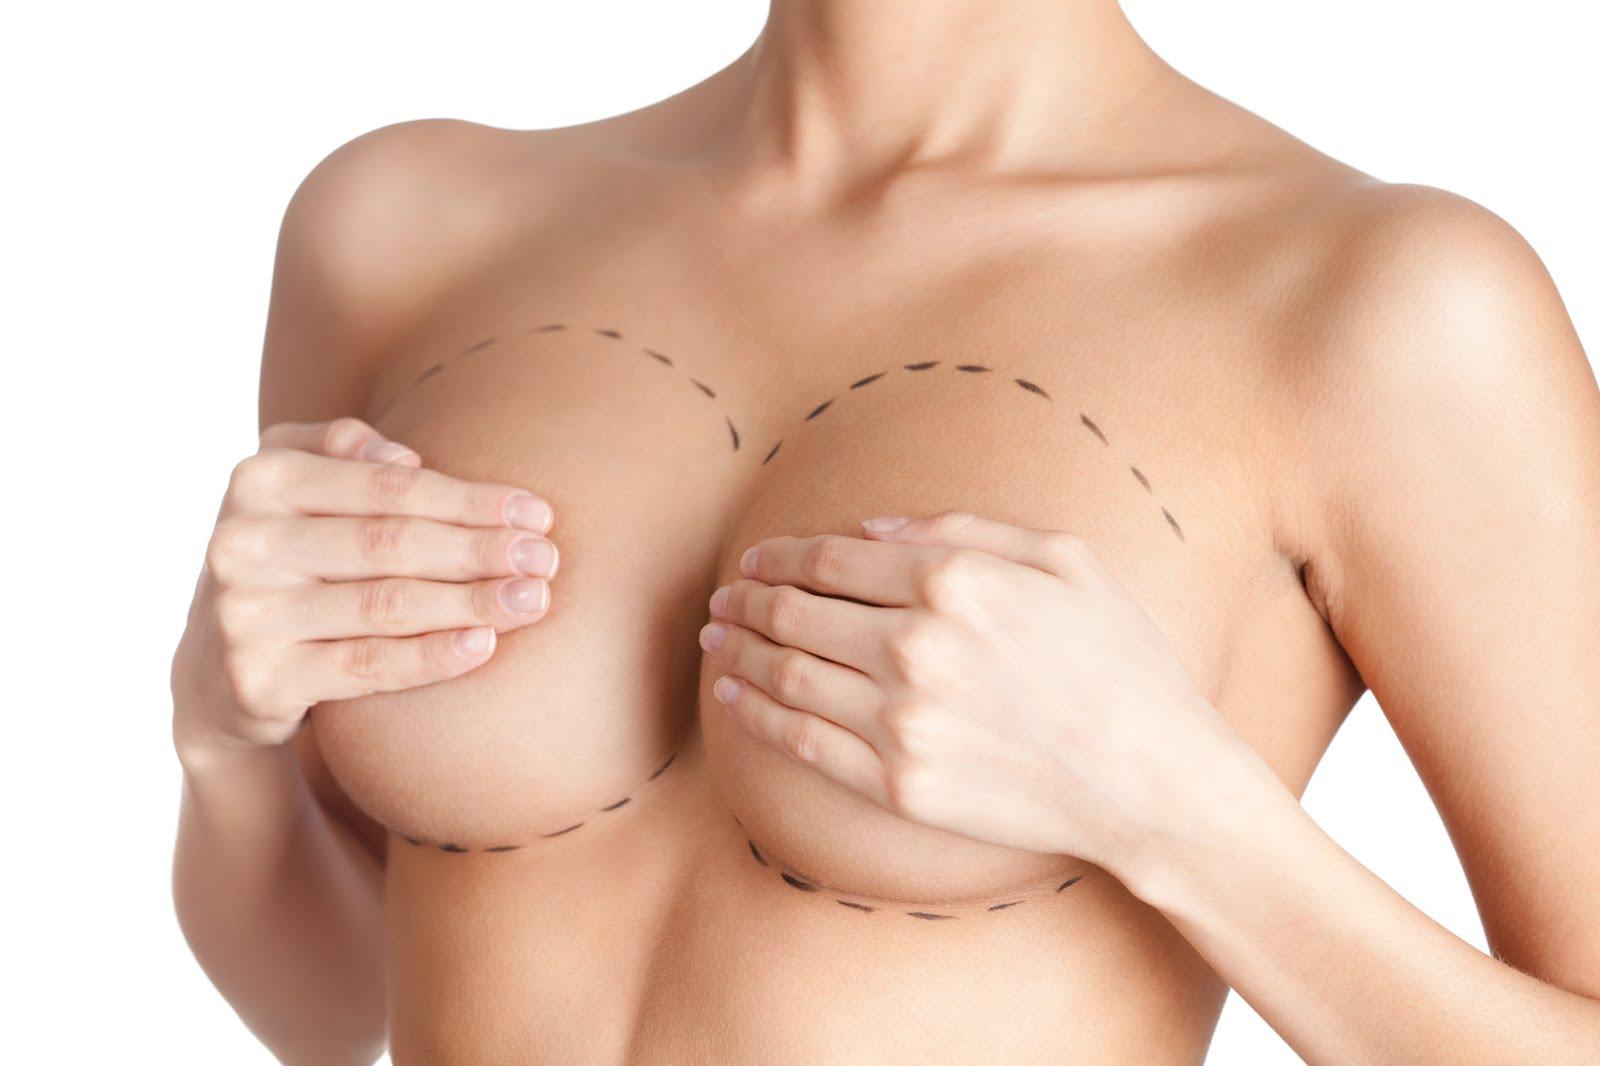 Kadınlar neden meme büyütme ameliyatı isterler